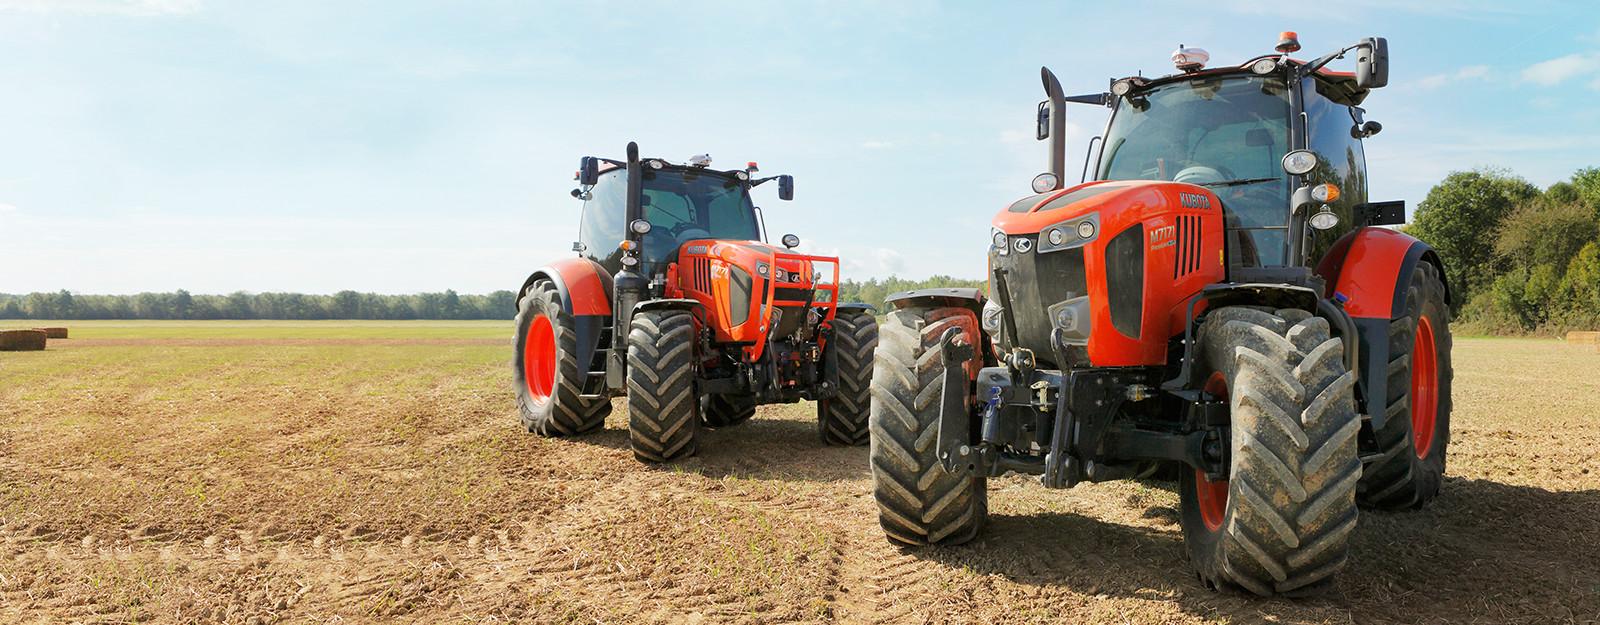 kubota traktör ile ilgili görsel sonucu